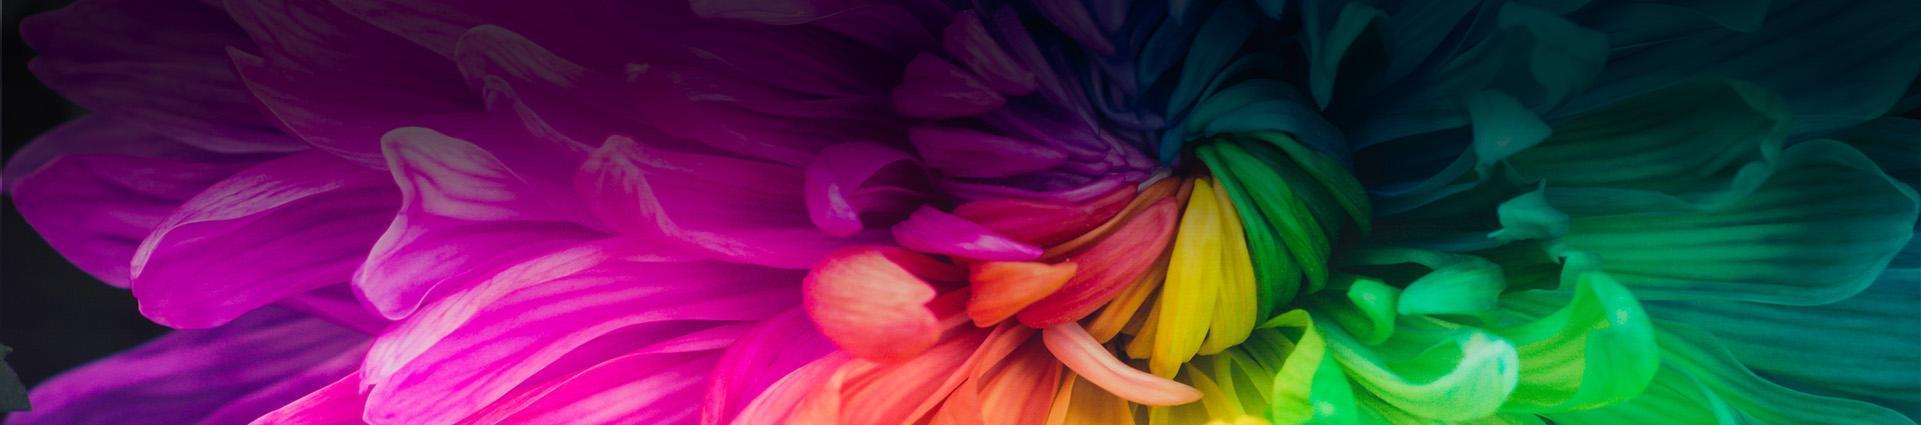 Płatki kwiatów w różnych barwach